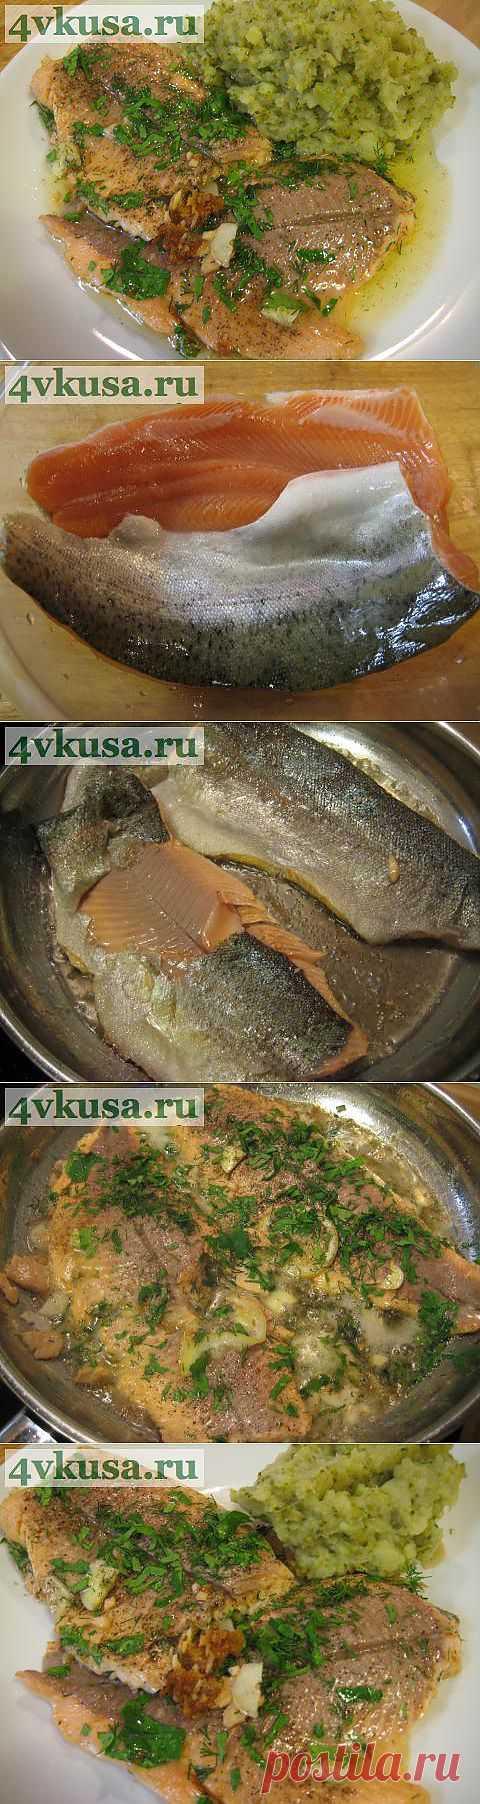 Форель припущенная с лимоном и зеленью. | 4vkusa.ru